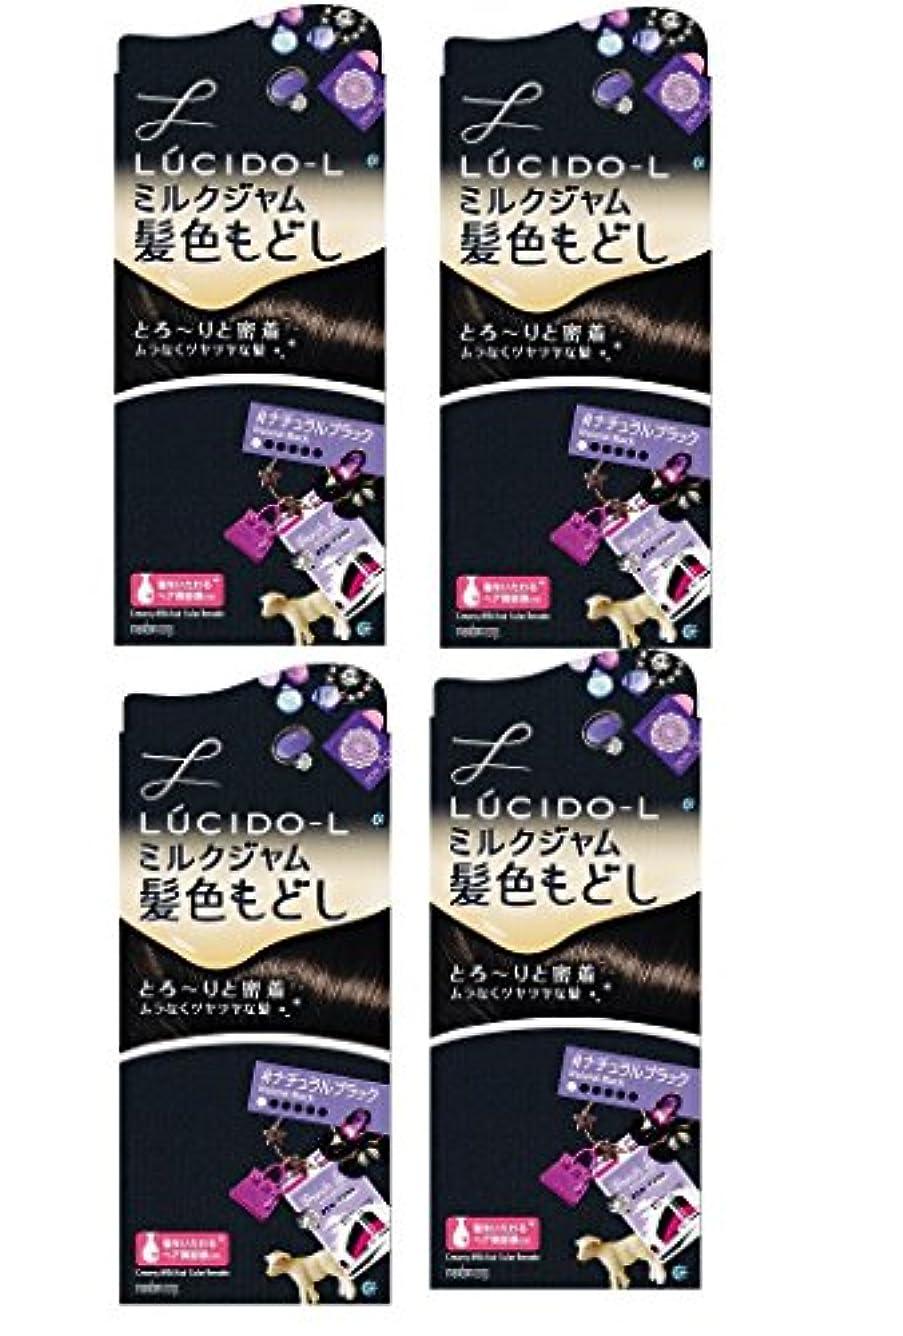 恐ろしいチャップ麻酔薬【まとめ買い】LUCIDO-L (ルシードエル) ミルクジャム髪色もどし #ナチュラルブラック (医薬部外品) (1剤40g 2剤80mL TR5g)×4個